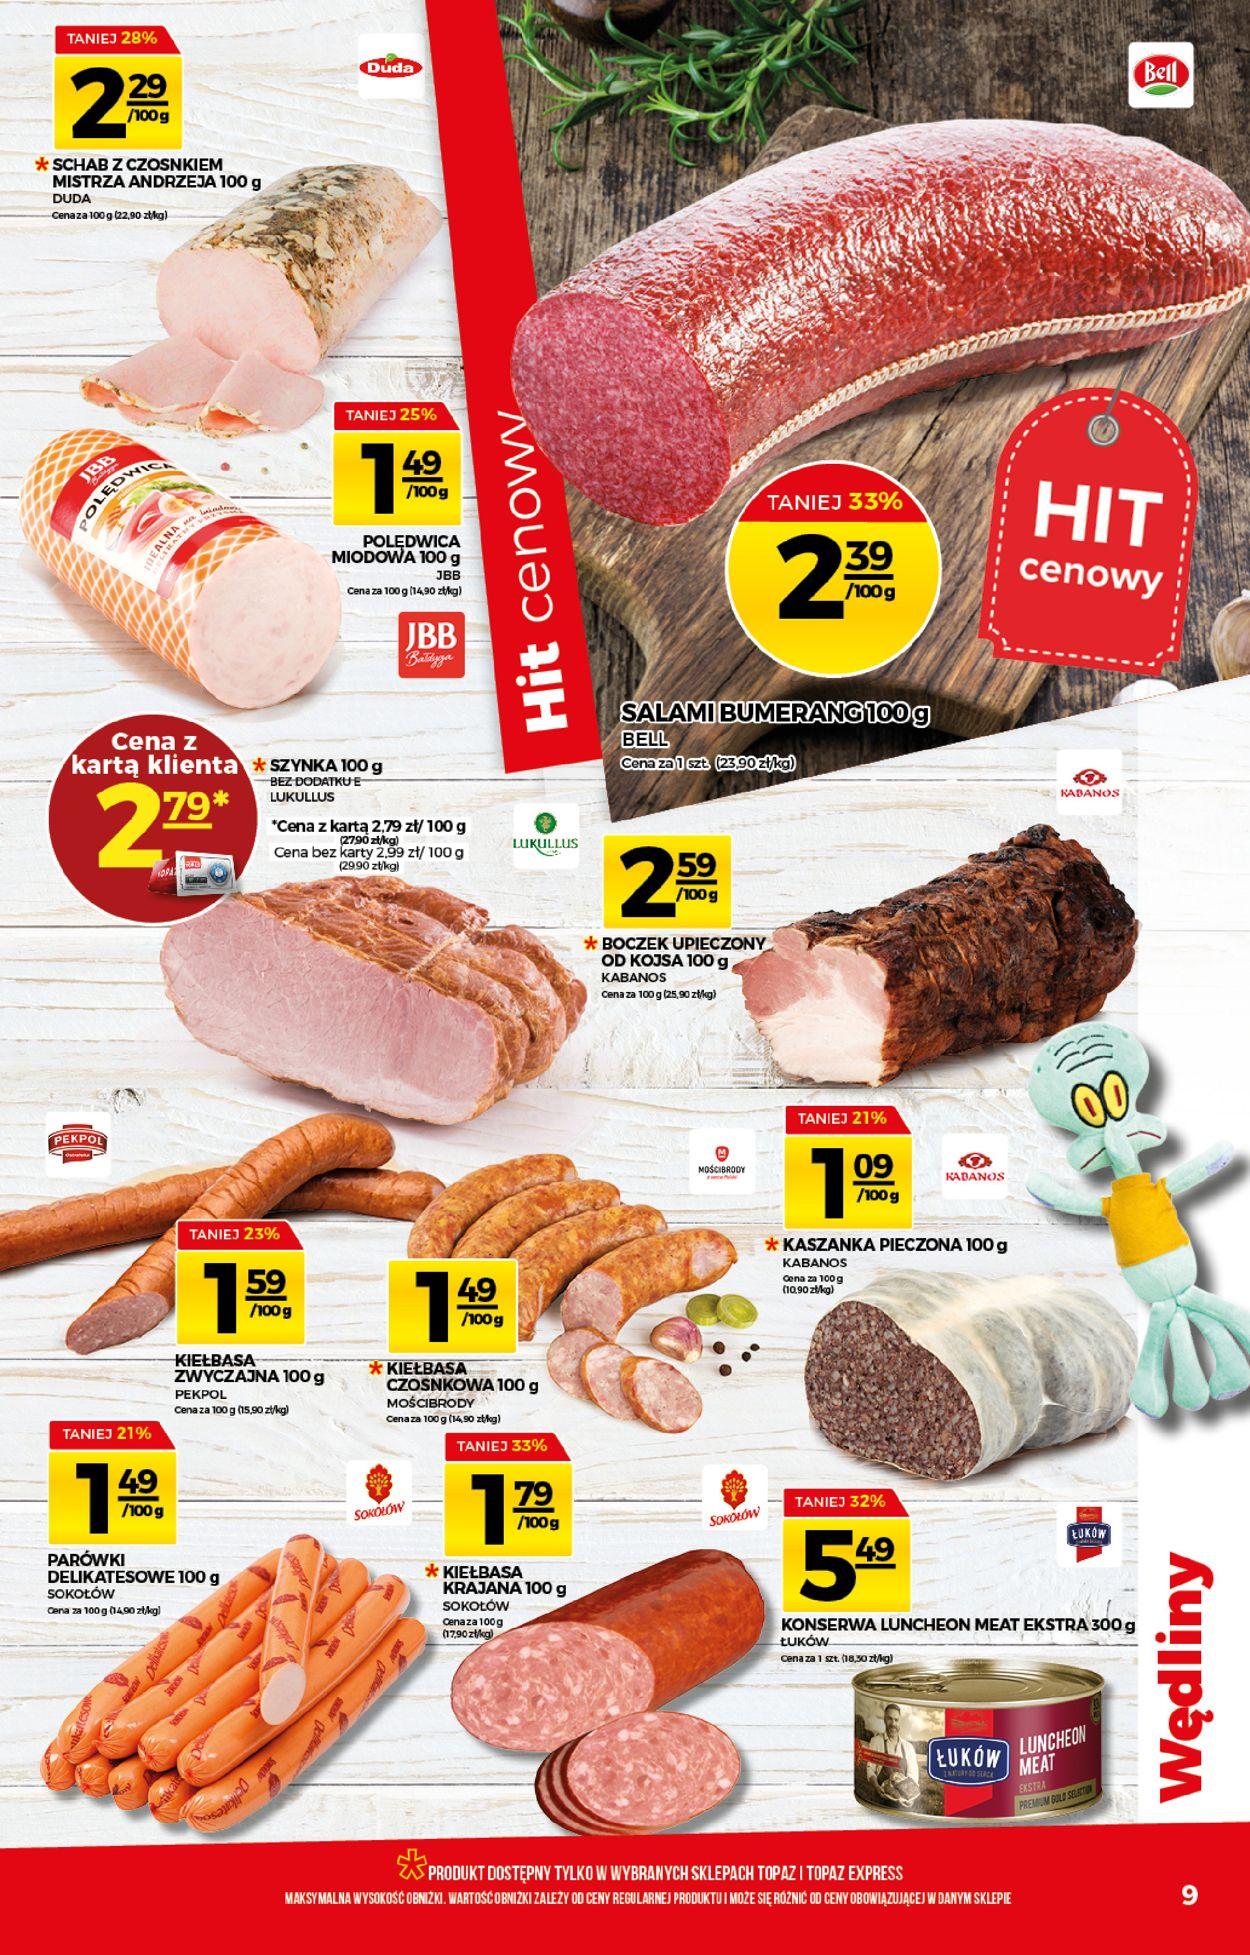 Gazetka promocyjna Topaz - 06.08-12.08.2020 (Strona 9)